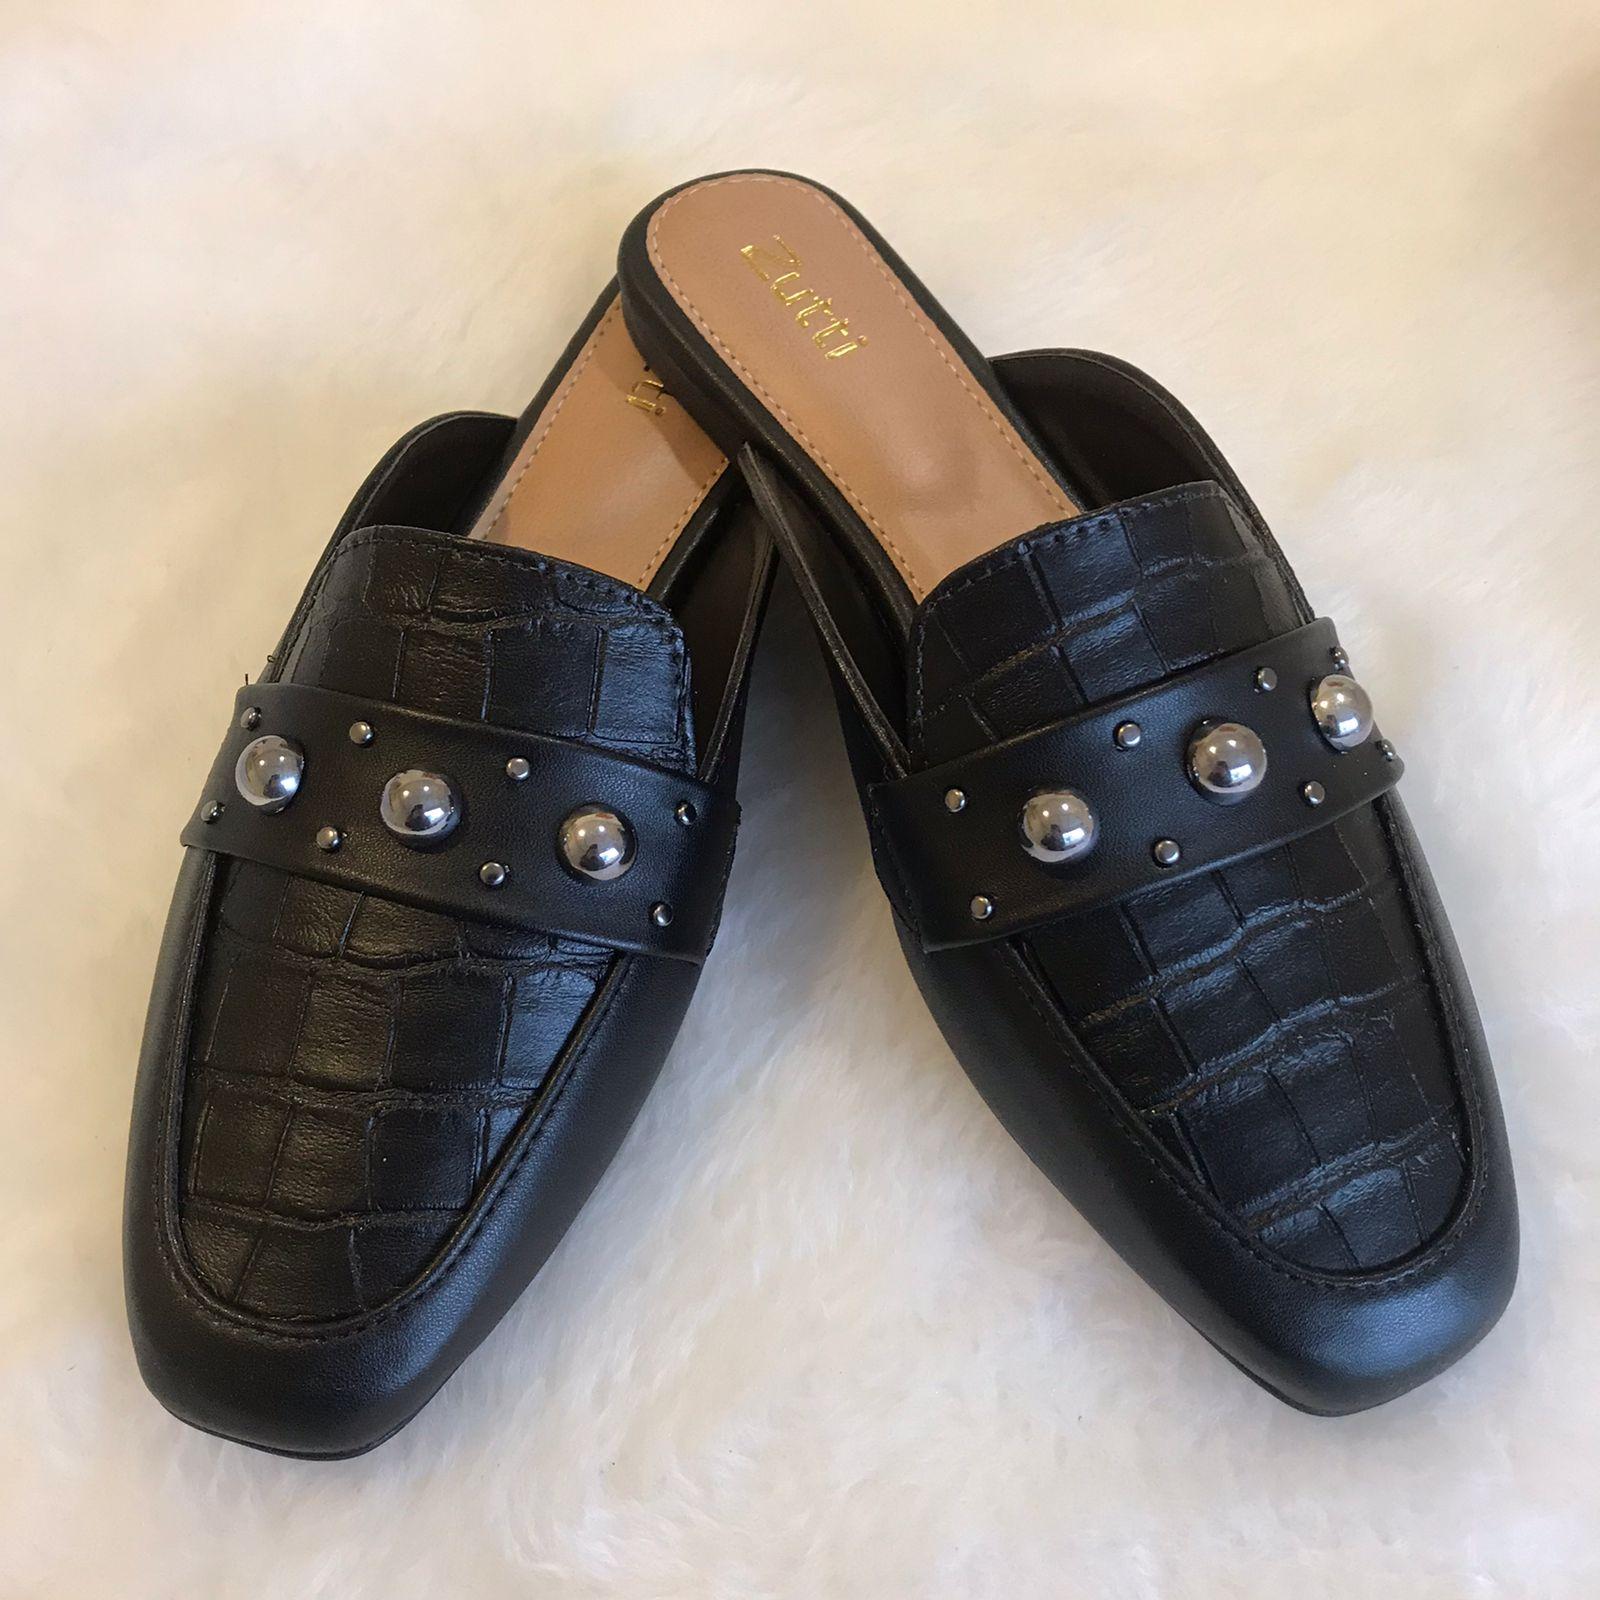 Sapato mule forma quadrada com detalhe corrente